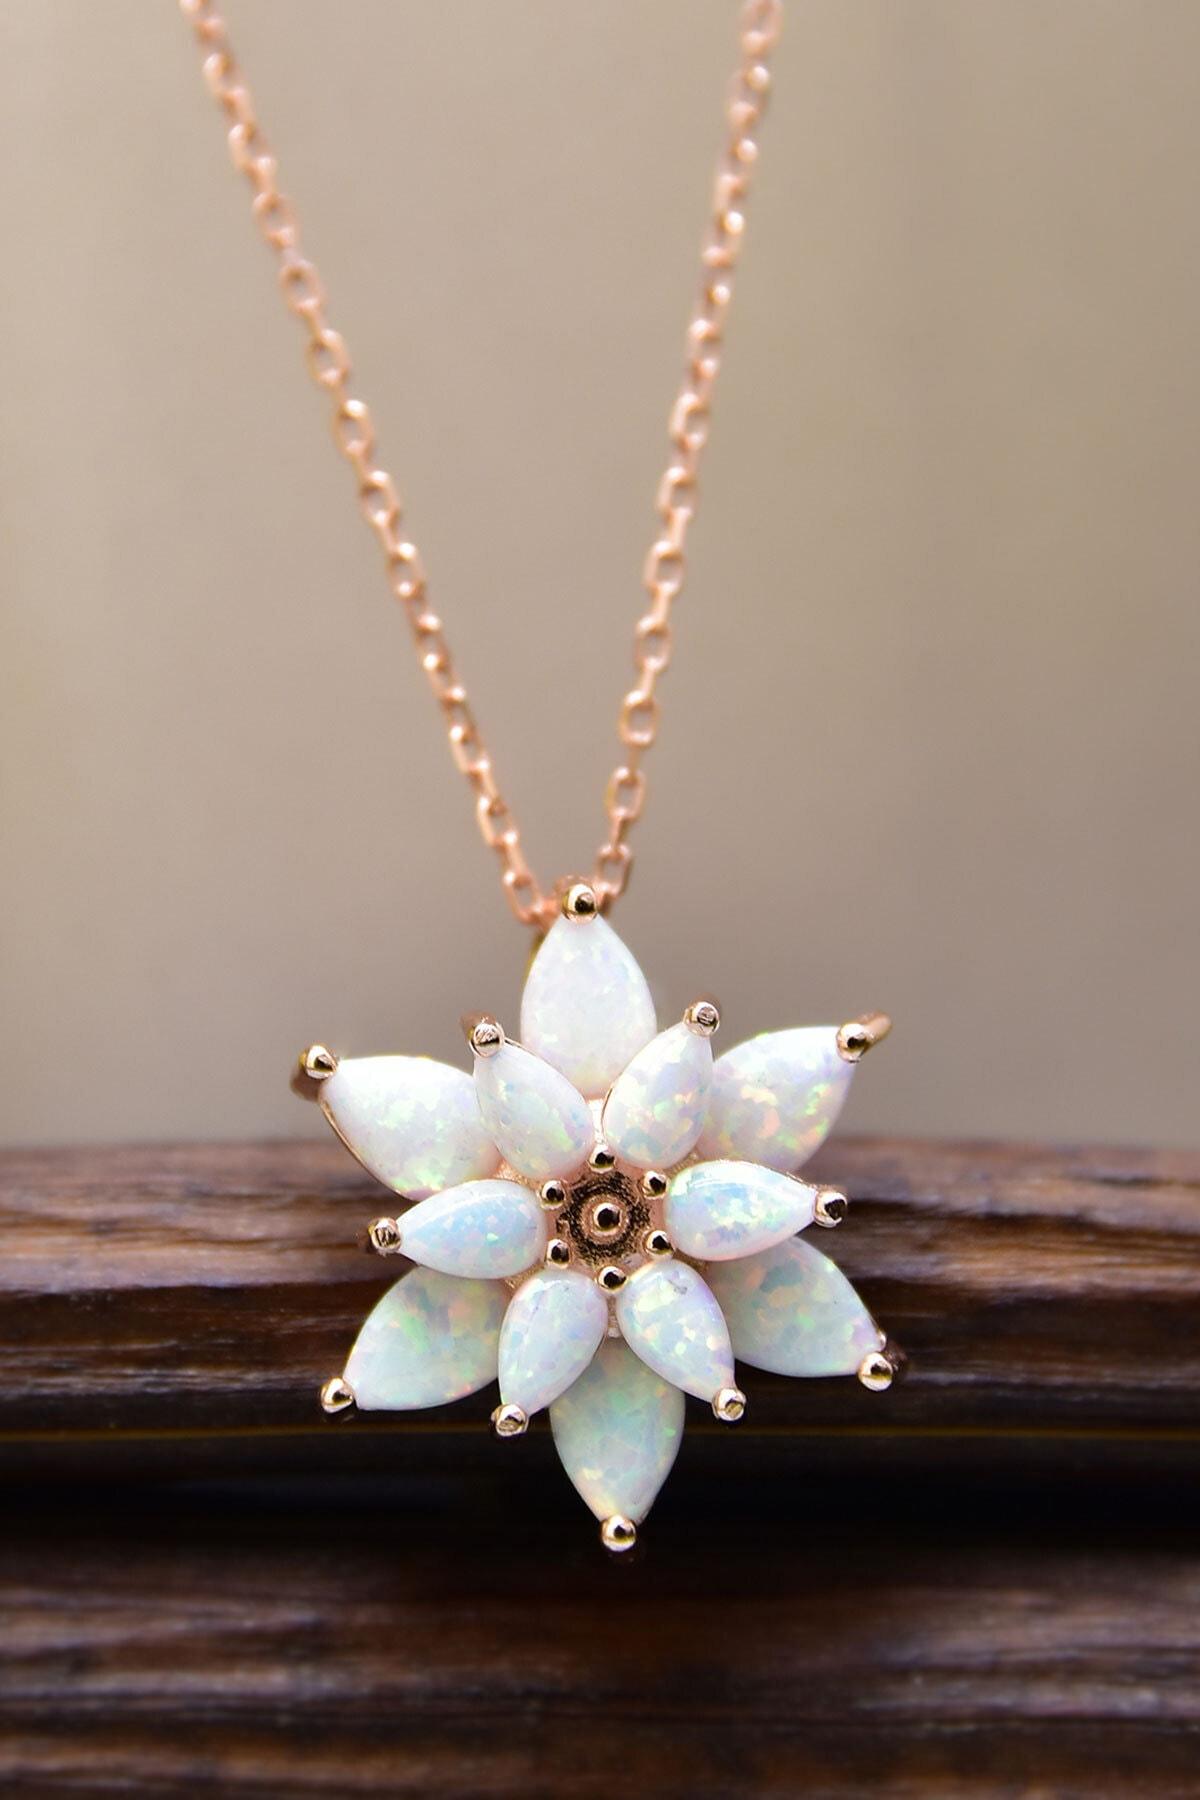 Papatya Silver 925 Ayar Gümüş Beyaz Doğal Opal Taşlı Lotus Kolye 1